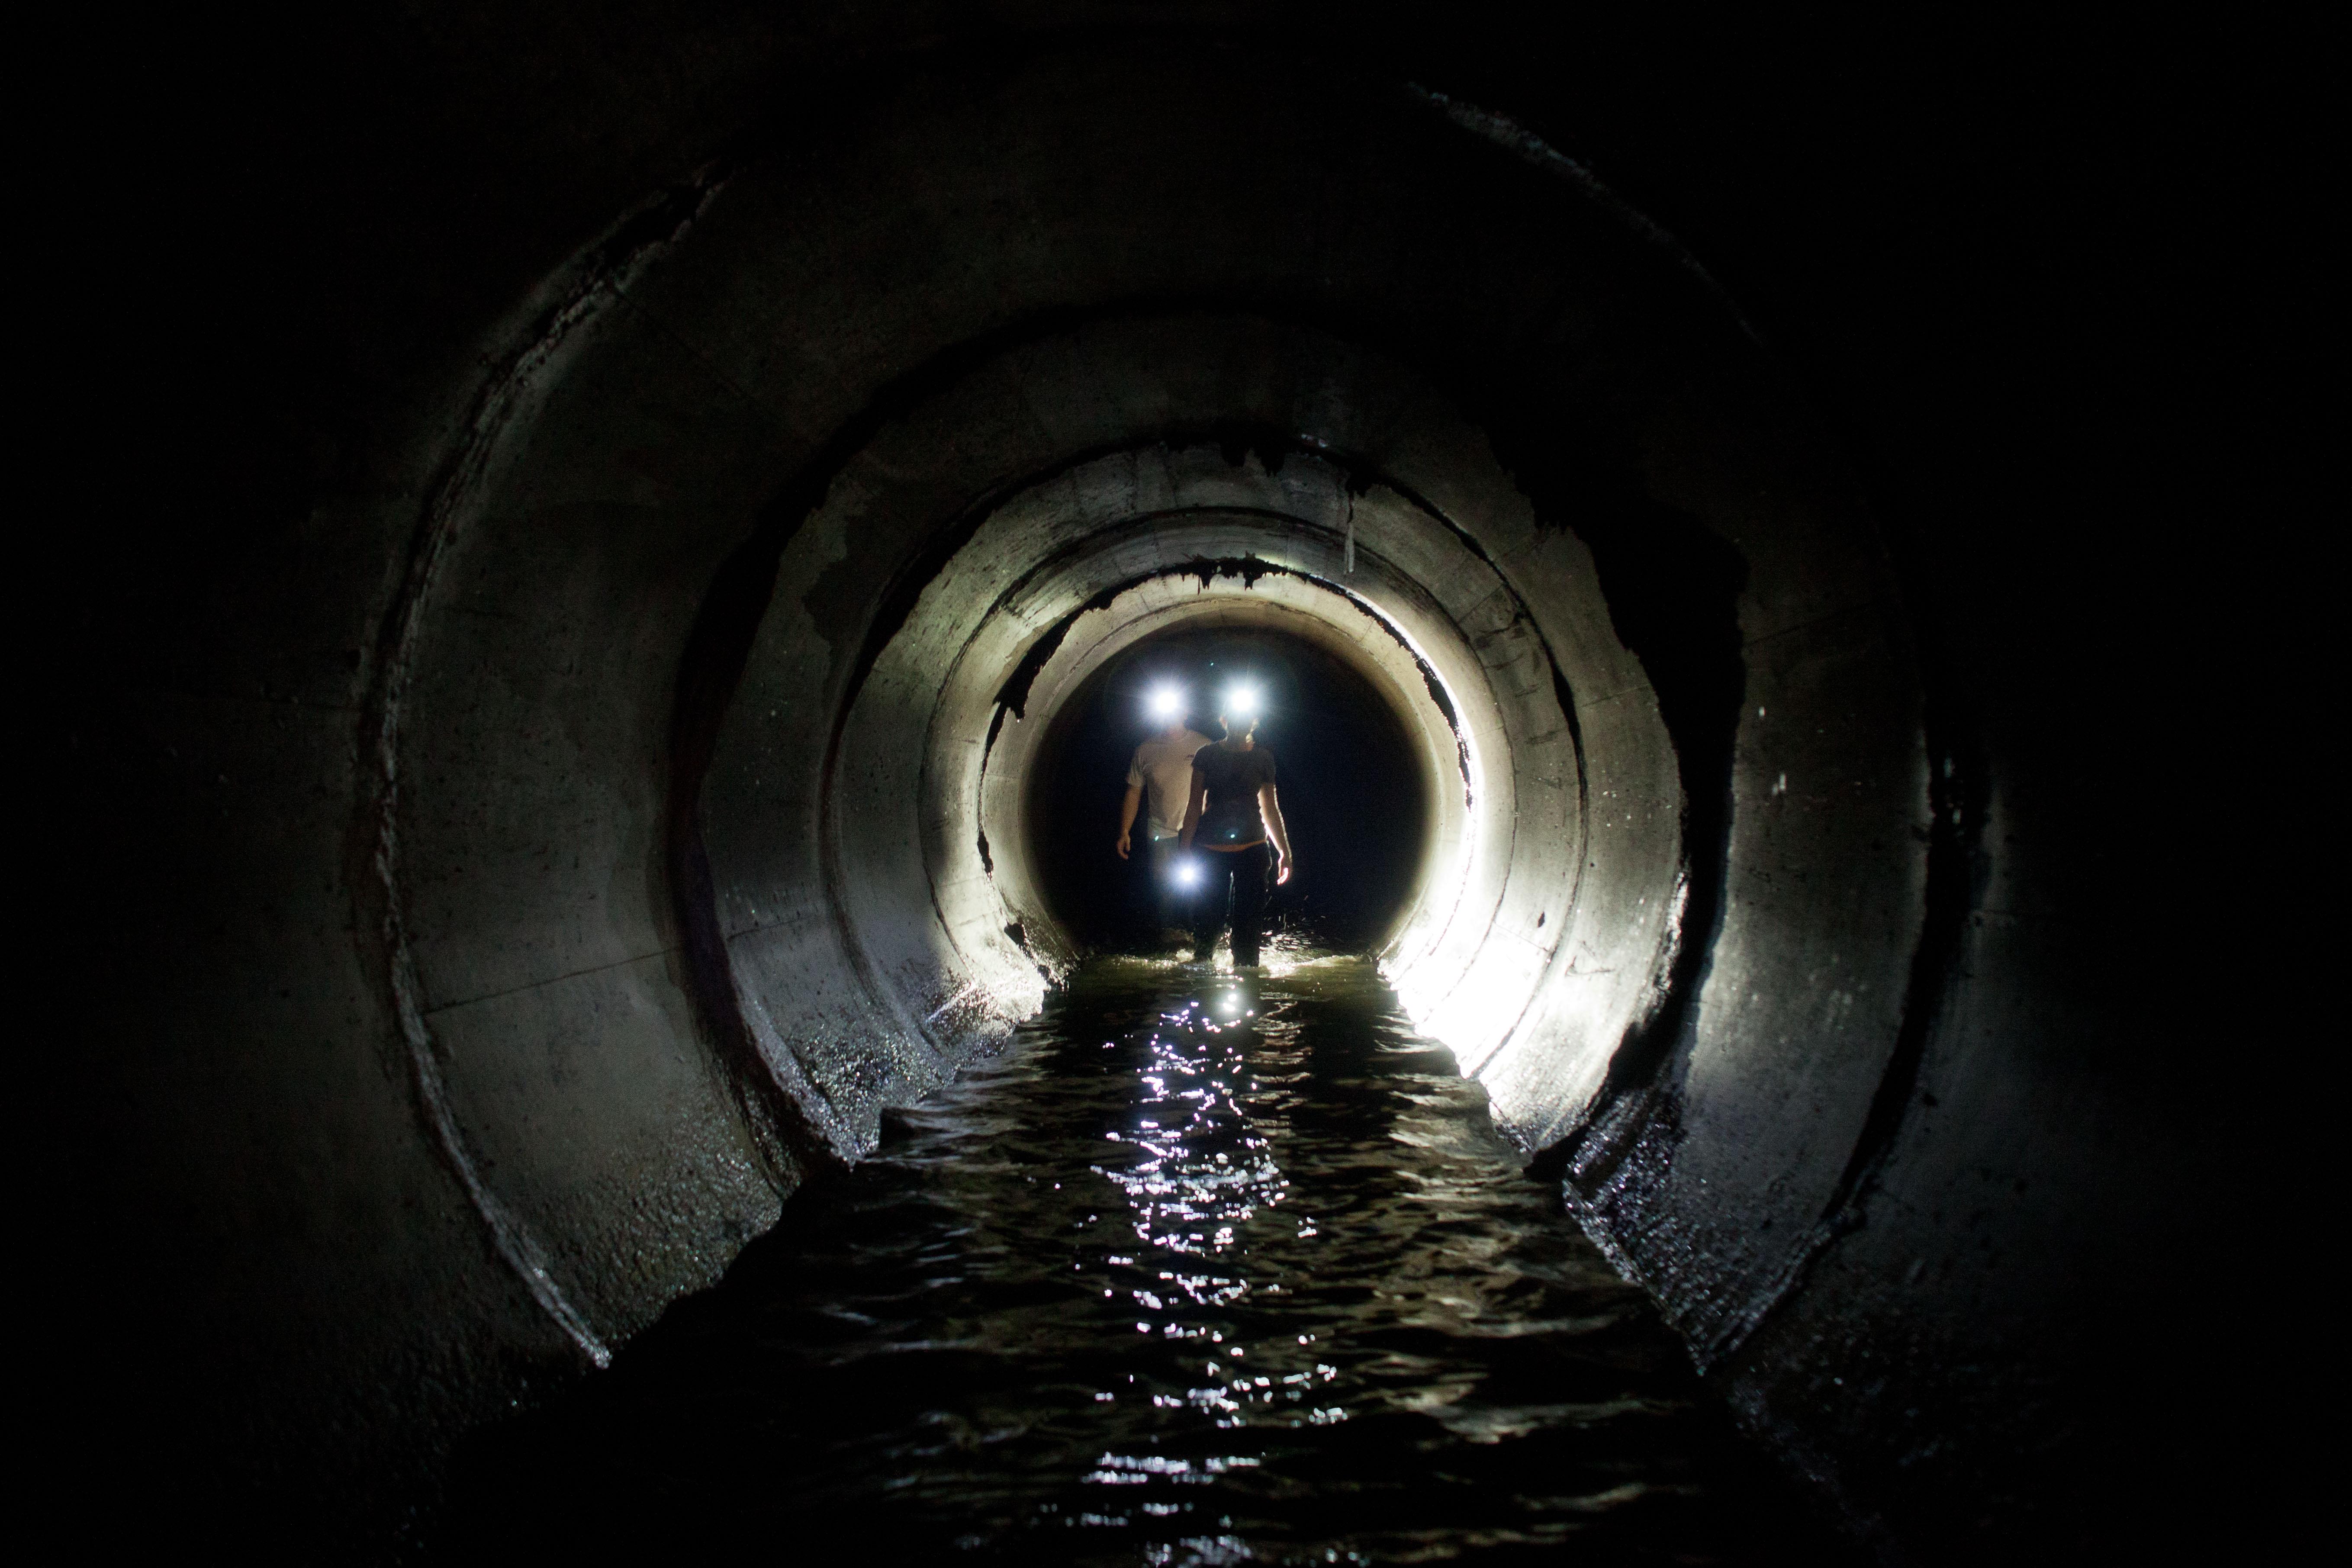 Kristi Tuck Austin in NYC storm drain